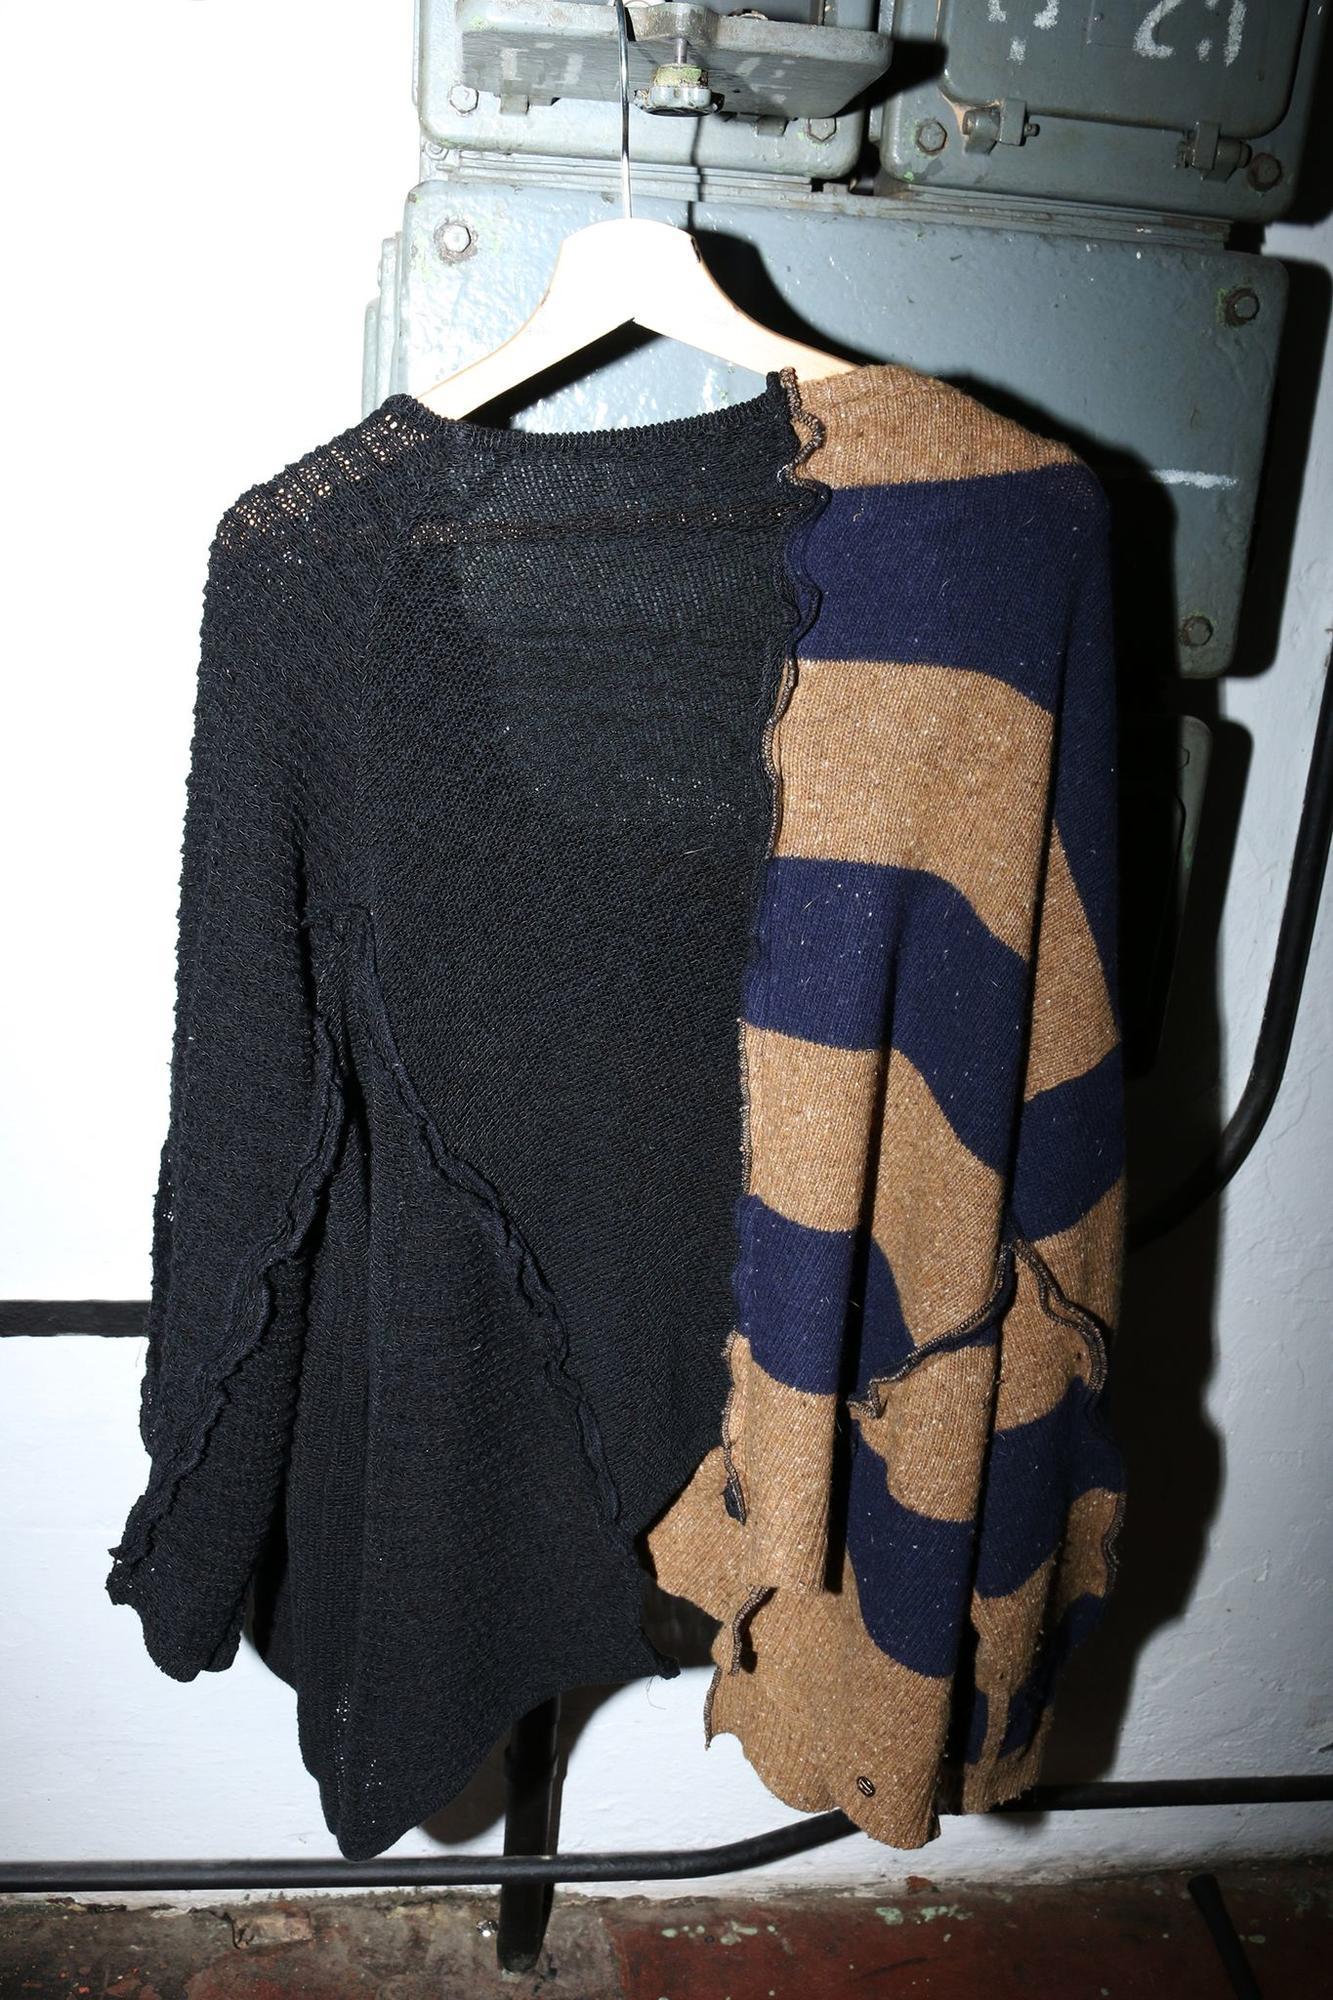 Sweter upcyclingowany z dwóch swetrów wełnianego w pasy firmy LEVIS i czarnego ażurowego z ciężkiej bawełny Asymetrycznie pocięty na dole różna długości Szeroki dekolt szeroka forma oversize Logo PtASZEK z tyłu 100 WEŁNA 100 bawełna Długość przodu 63 cm długość rękawa 68 cm długość tyłu 66 cm szerokość w klatce 146 cm Pranie ręczne wełna 30 Kolekcje są upcykingowane w autorskiej pracowni PtASZEK na zamówienie w limitowanych ilościach czas realizacji 7 dni POTRZEBUJESZ POMOCY MASZ PYTANIA ? Zadzwoń customer service 48608317395 lub wyślij e mail do nas